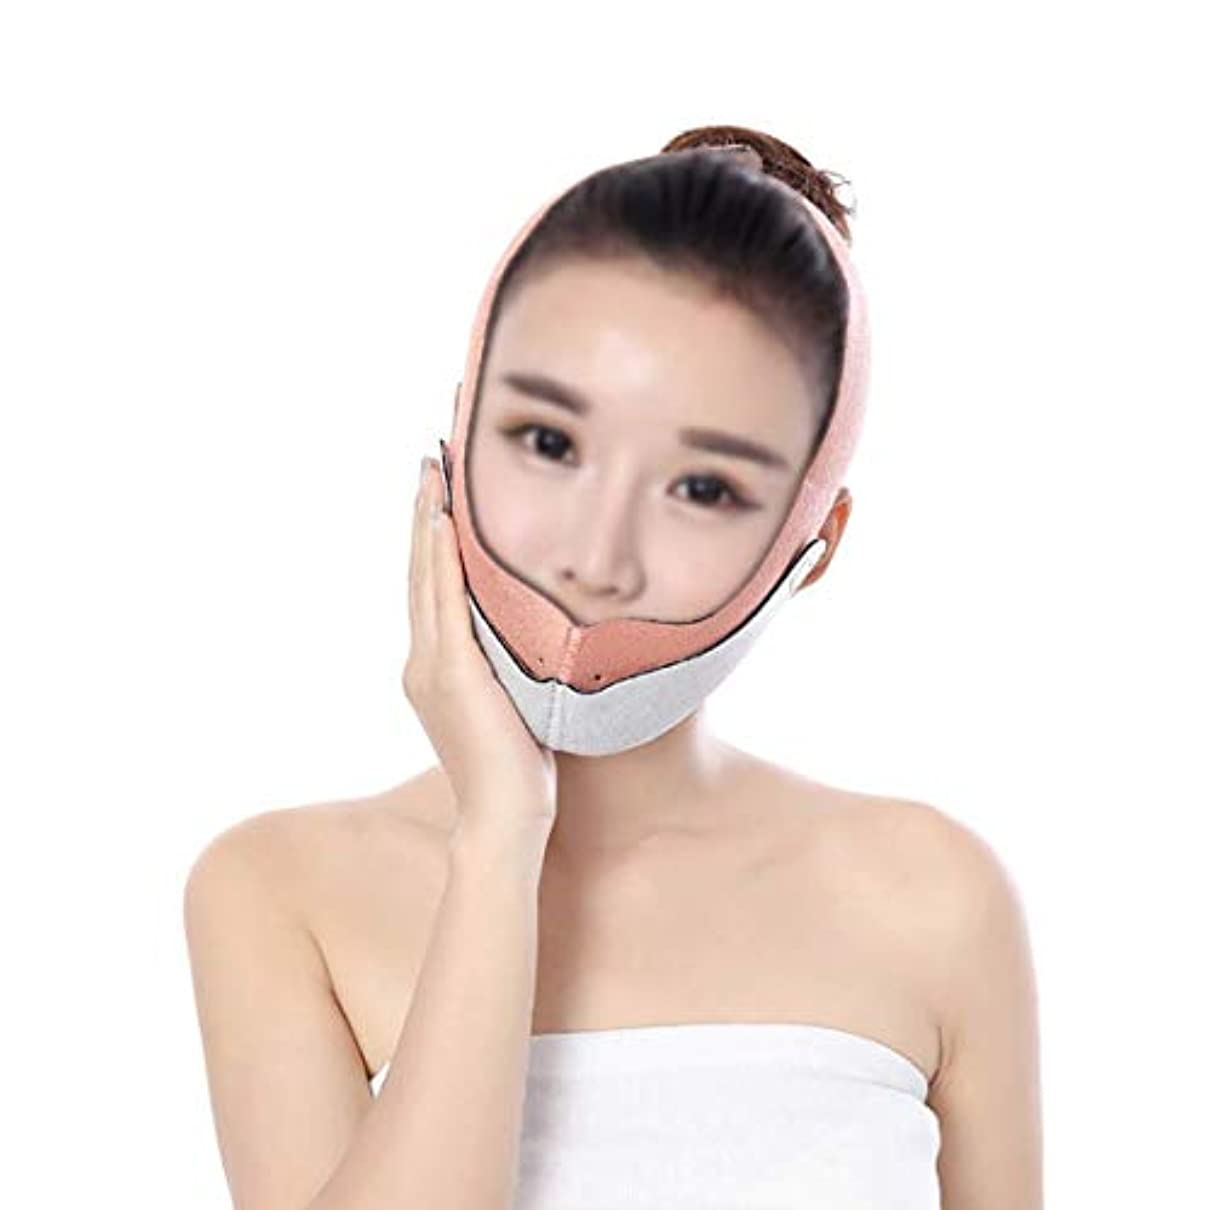 上院適合する売上高ファーミングフェイスマスク、フェイスリフティングアーティファクト修正フェイスリフティングベルトたるみ防止包帯美容マスクマスクV顔布ツール